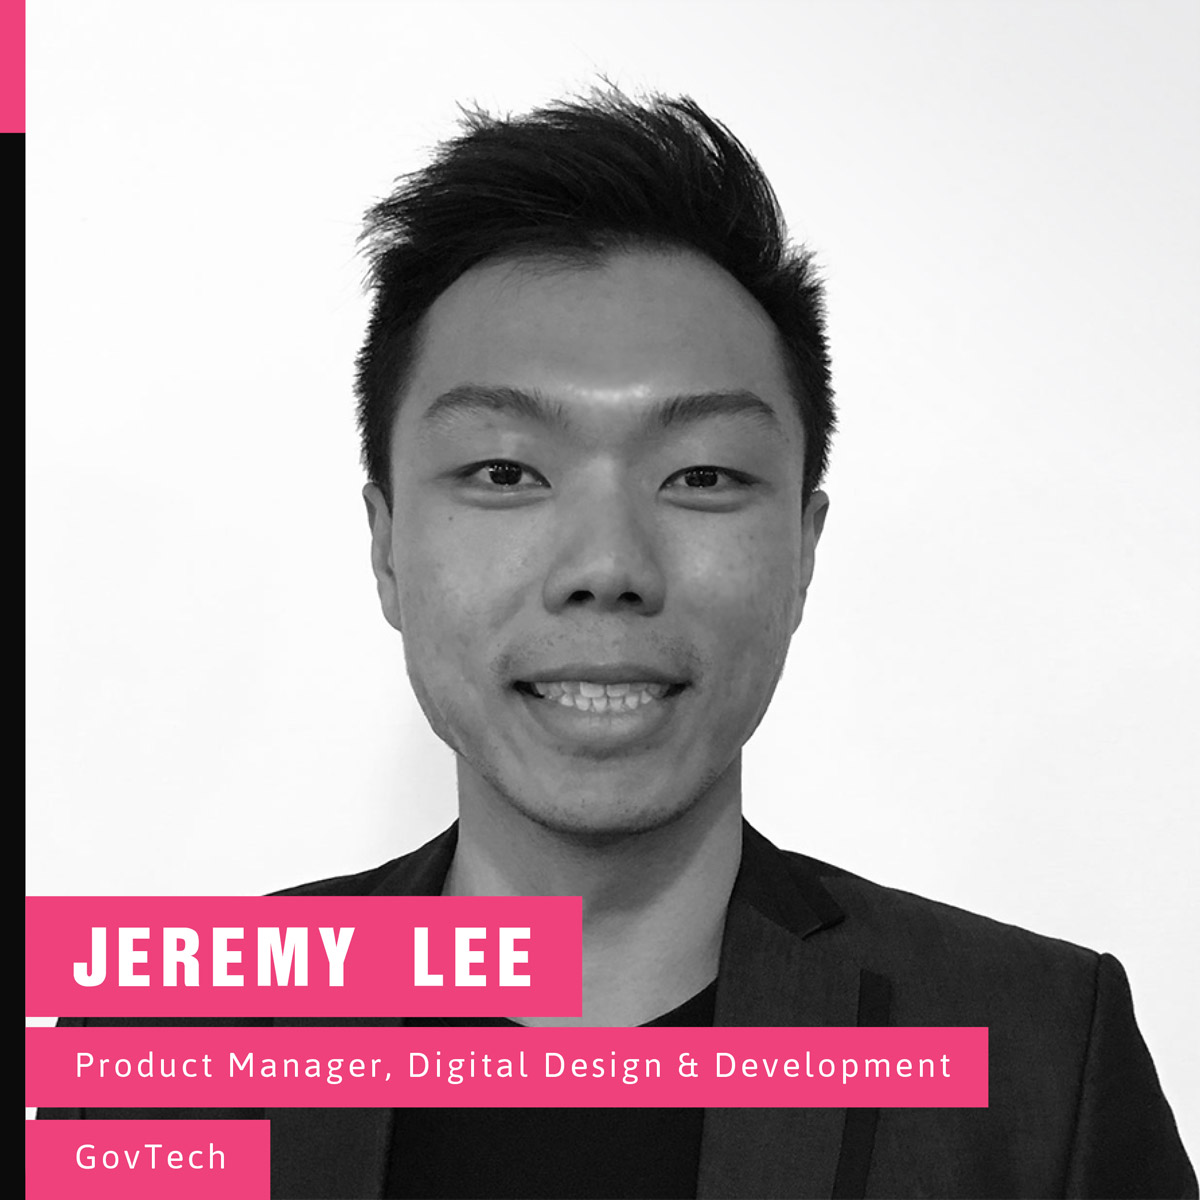 Mr Jeremy Lee